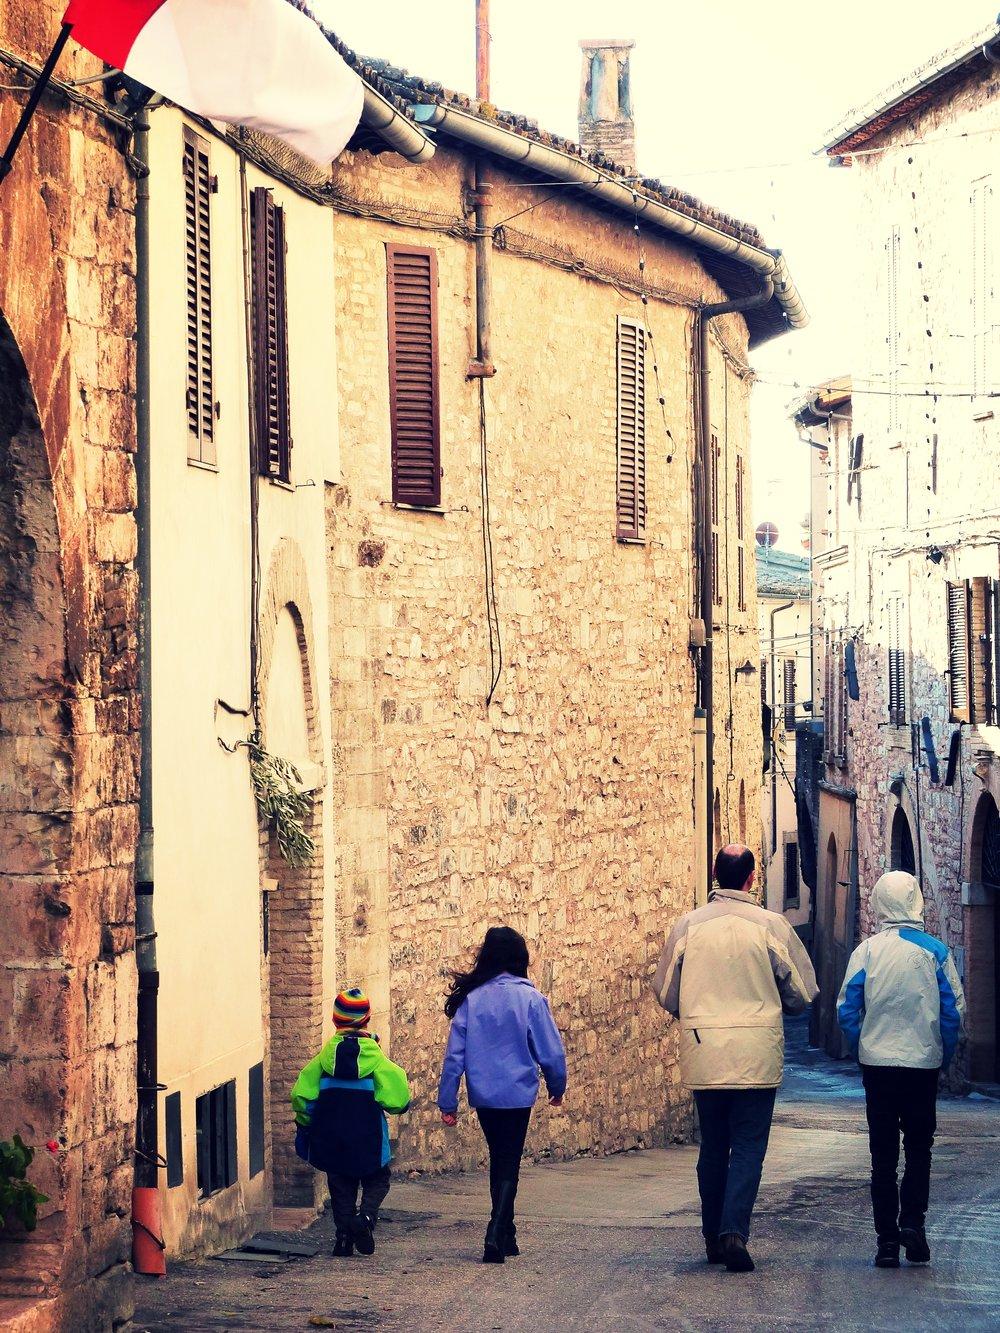 Family at L'Oro di Spello, Umbria